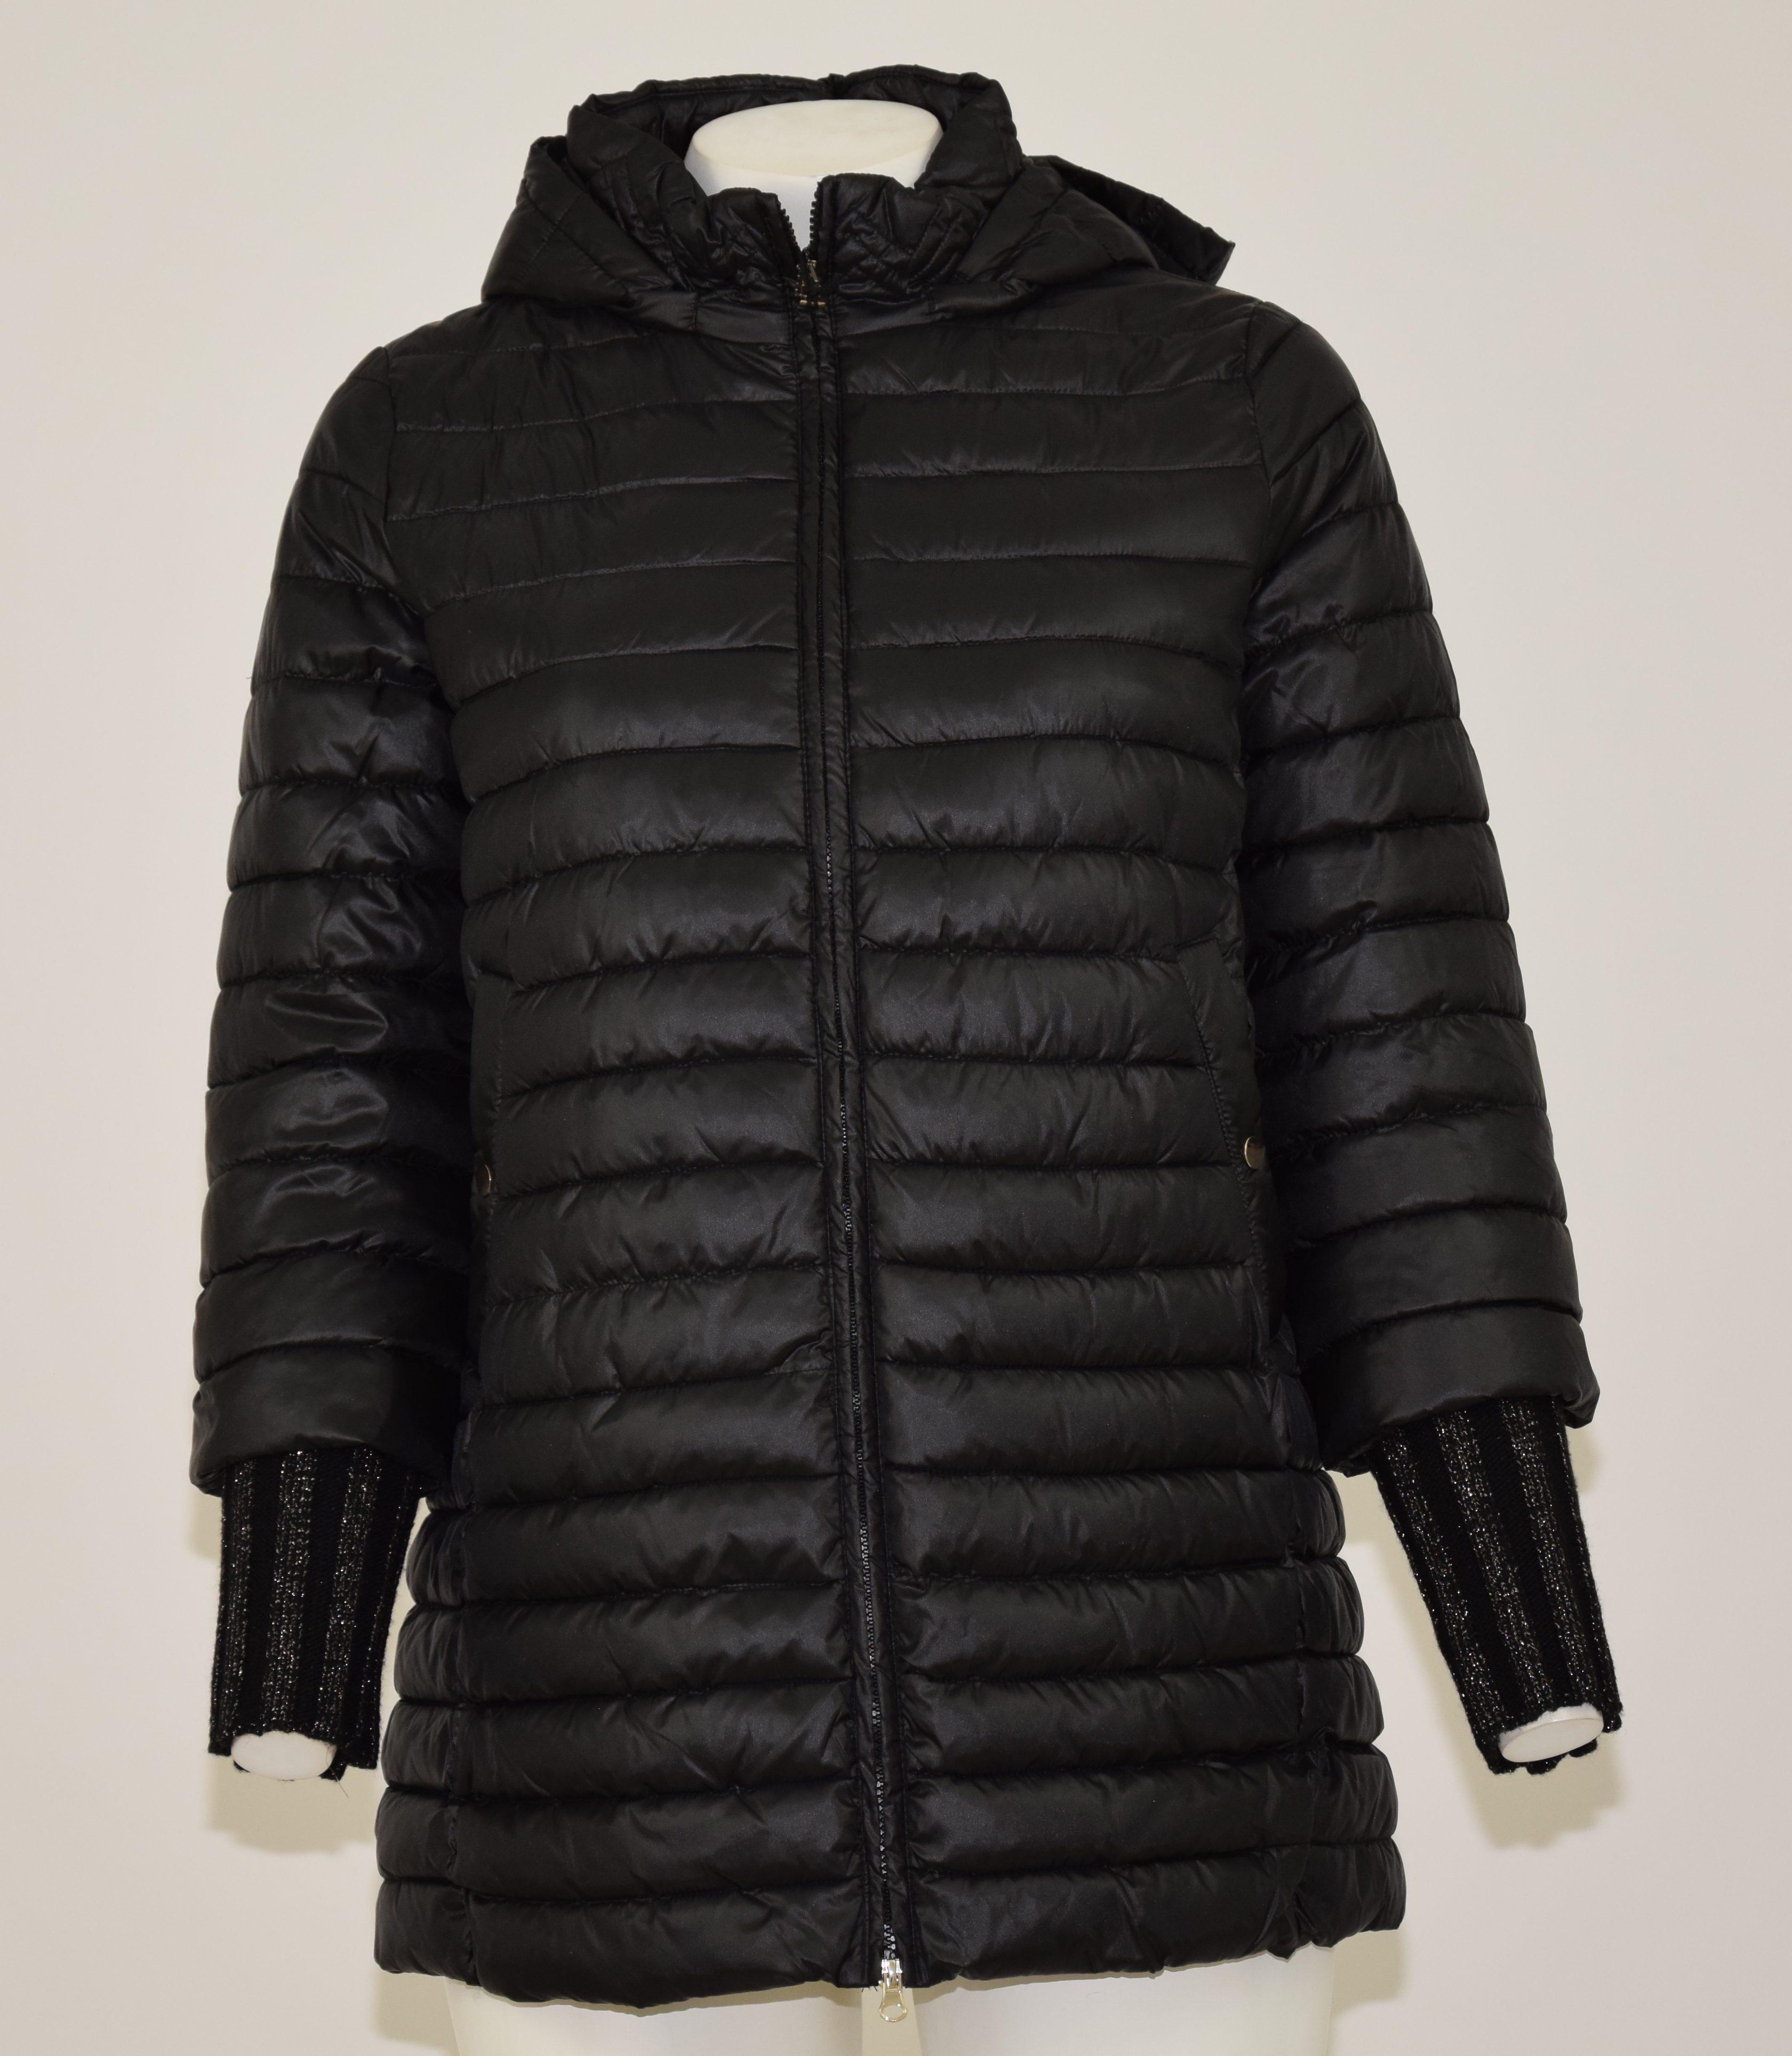 Giubbotto lungo di piumino (eco piuma) con cappuccio e polsini in lana nera con brillantini, davanti due tasche